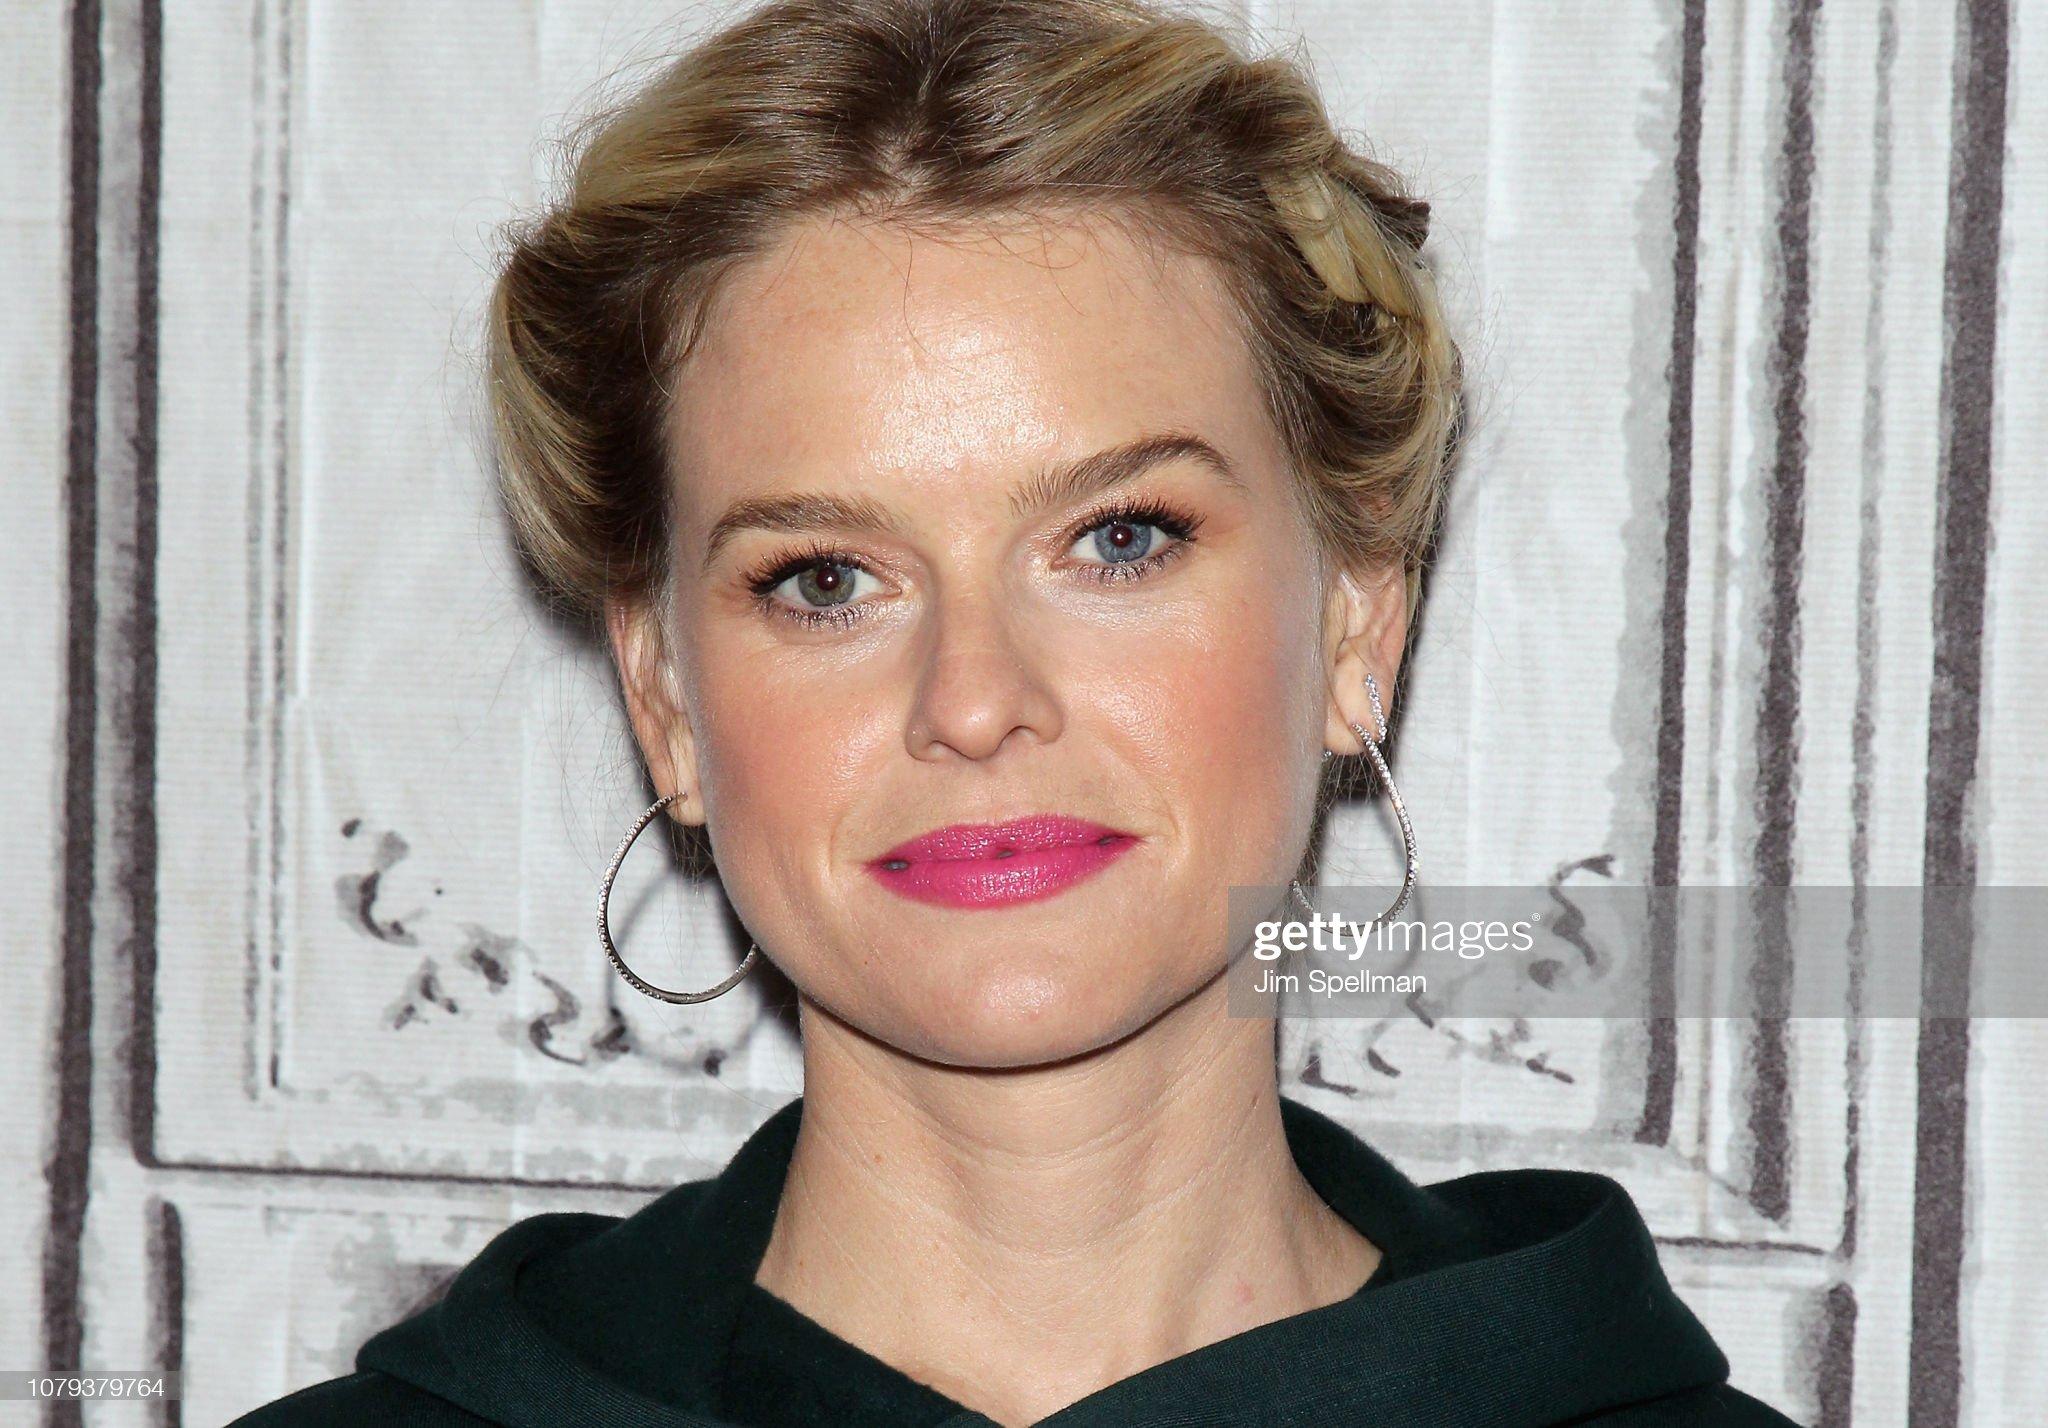 COLOR DE OJOS (clasificación y debate de personas famosas) - Página 3 Actress-alice-eve-attends-the-build-series-to-discuss-replicas-at-picture-id1079379764?s=2048x2048